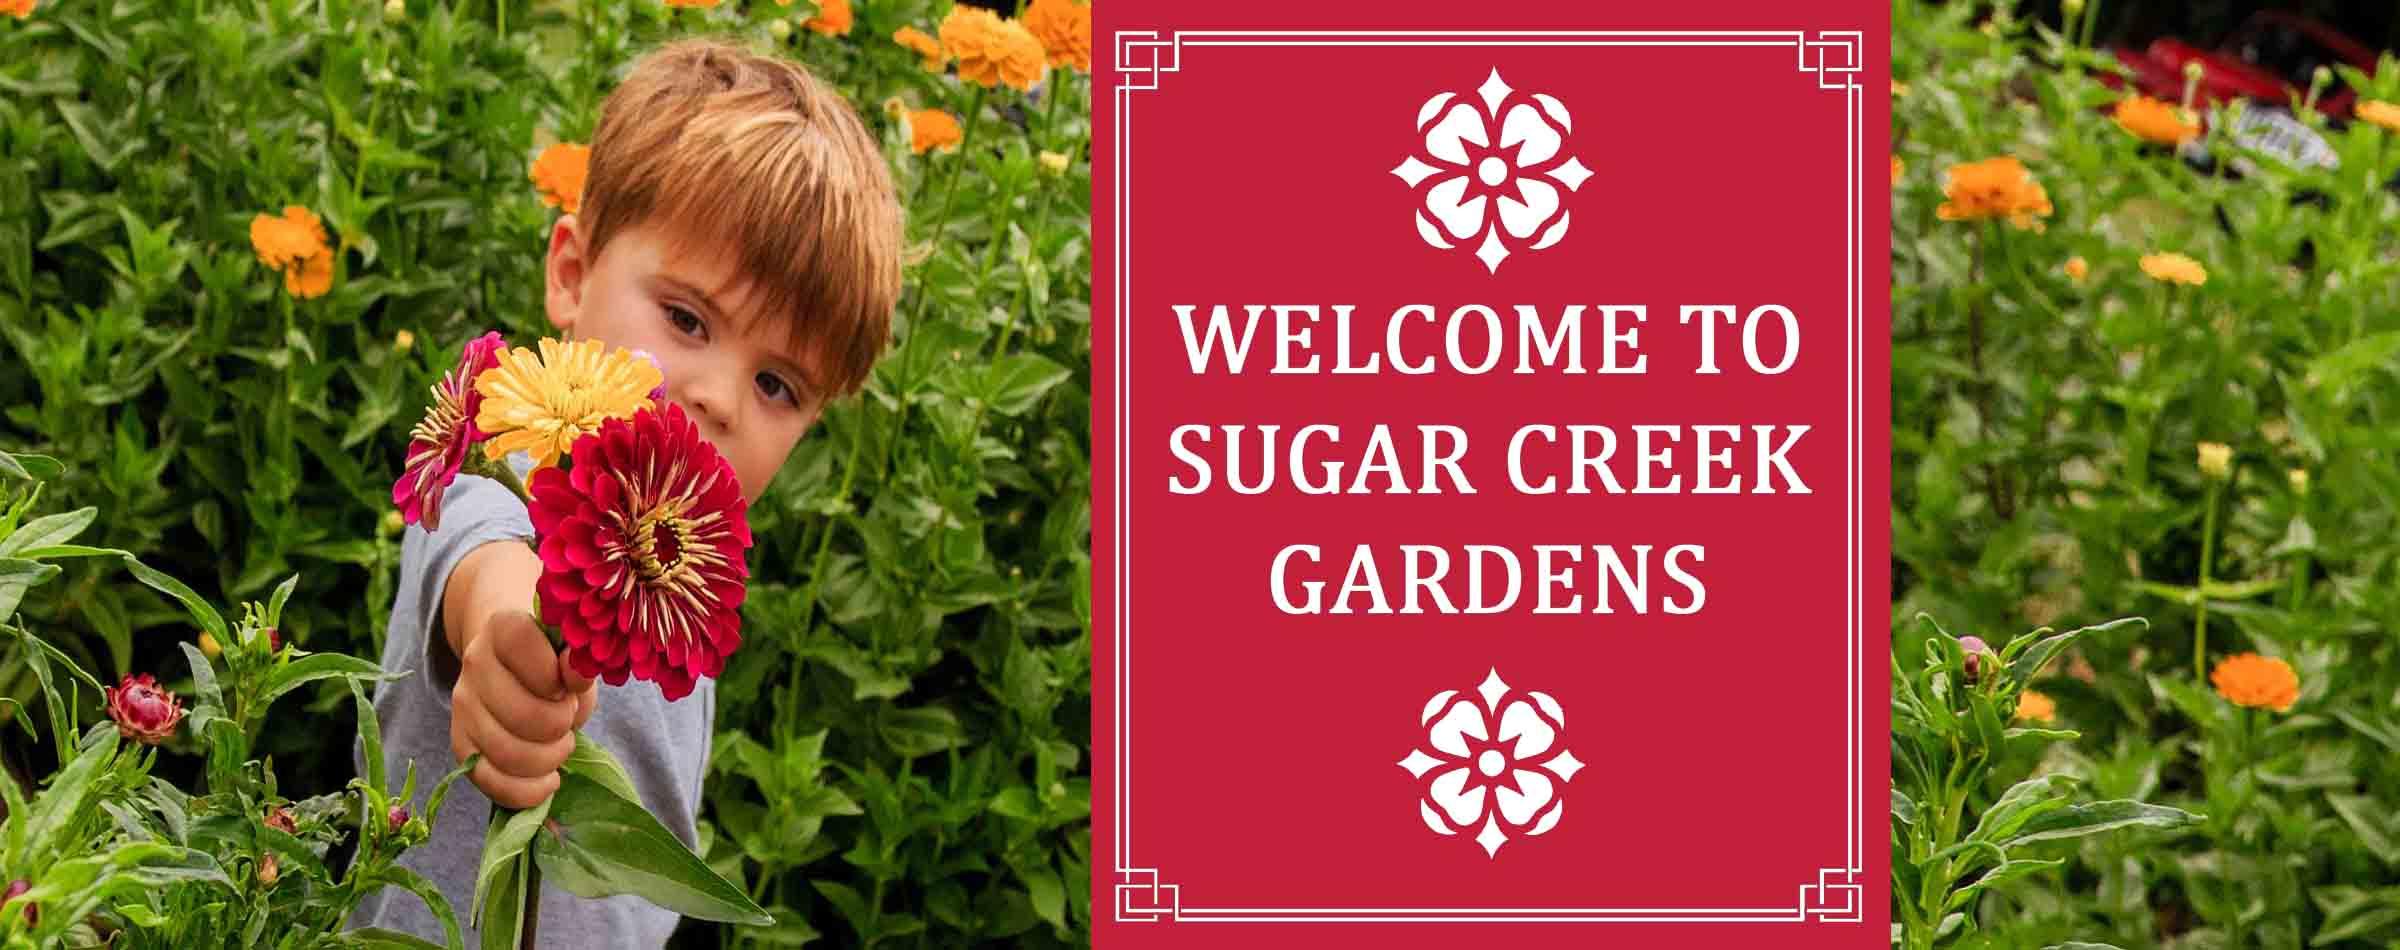 Sugar Creek Gardens St Louis Plant Nursery Garden Center